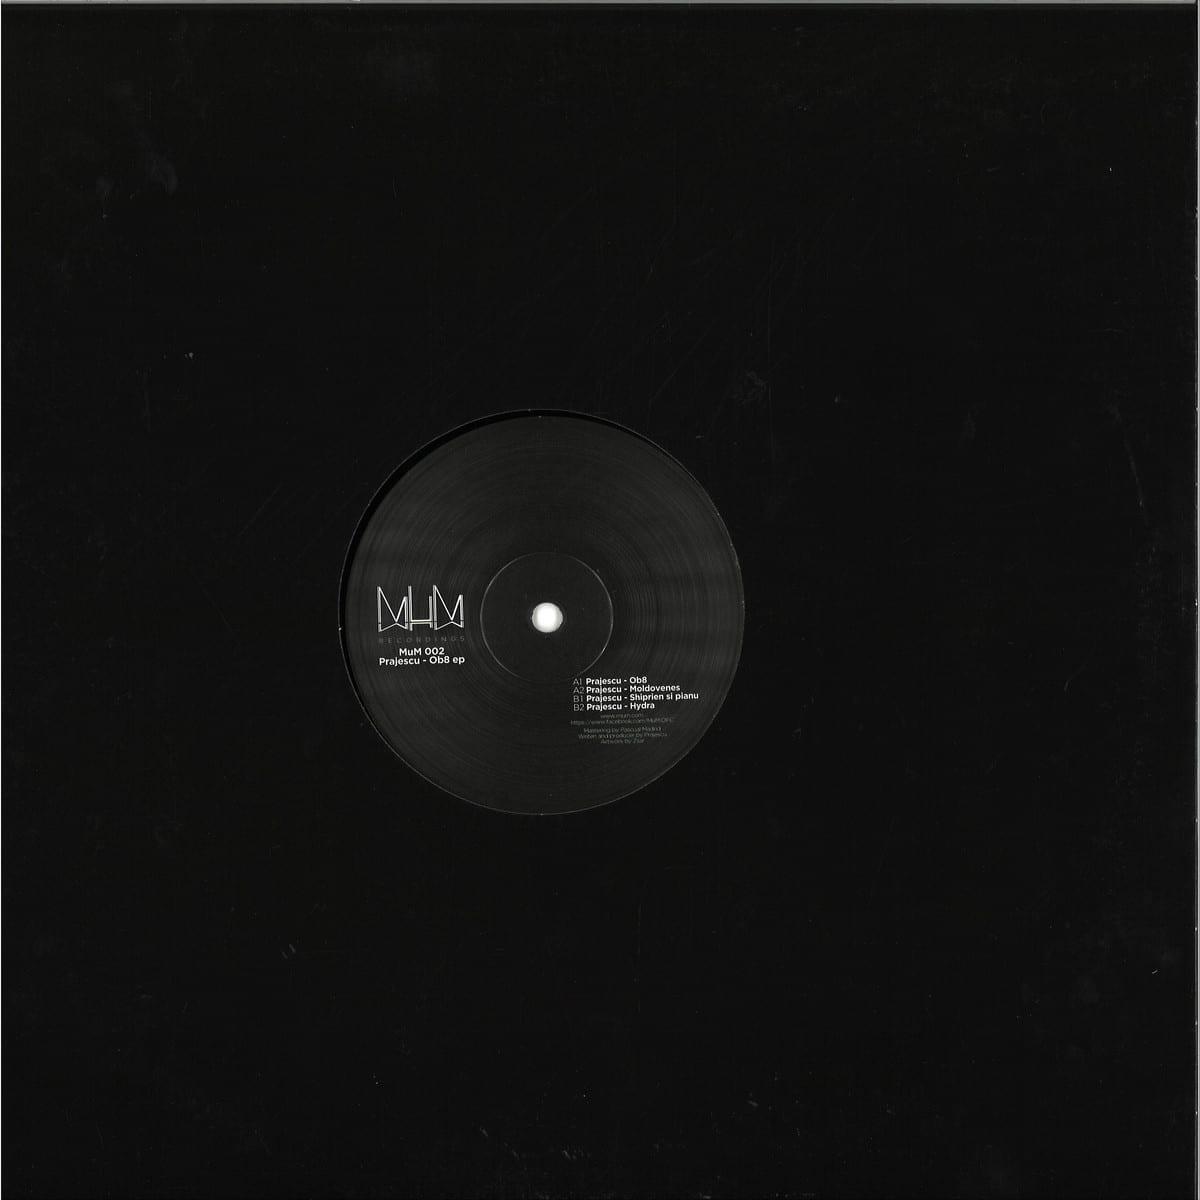 Pra Jescu - Ob8 EP [MUM Recordings] back